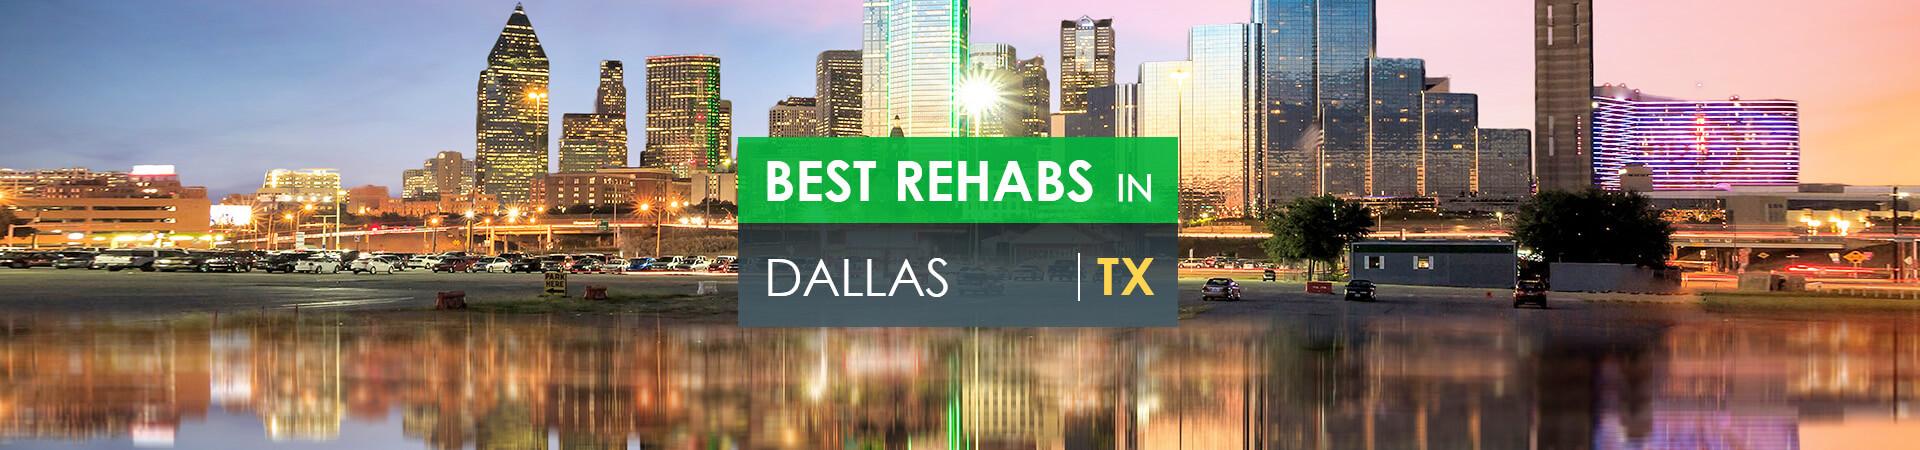 Best rehabs in Dallas, TX